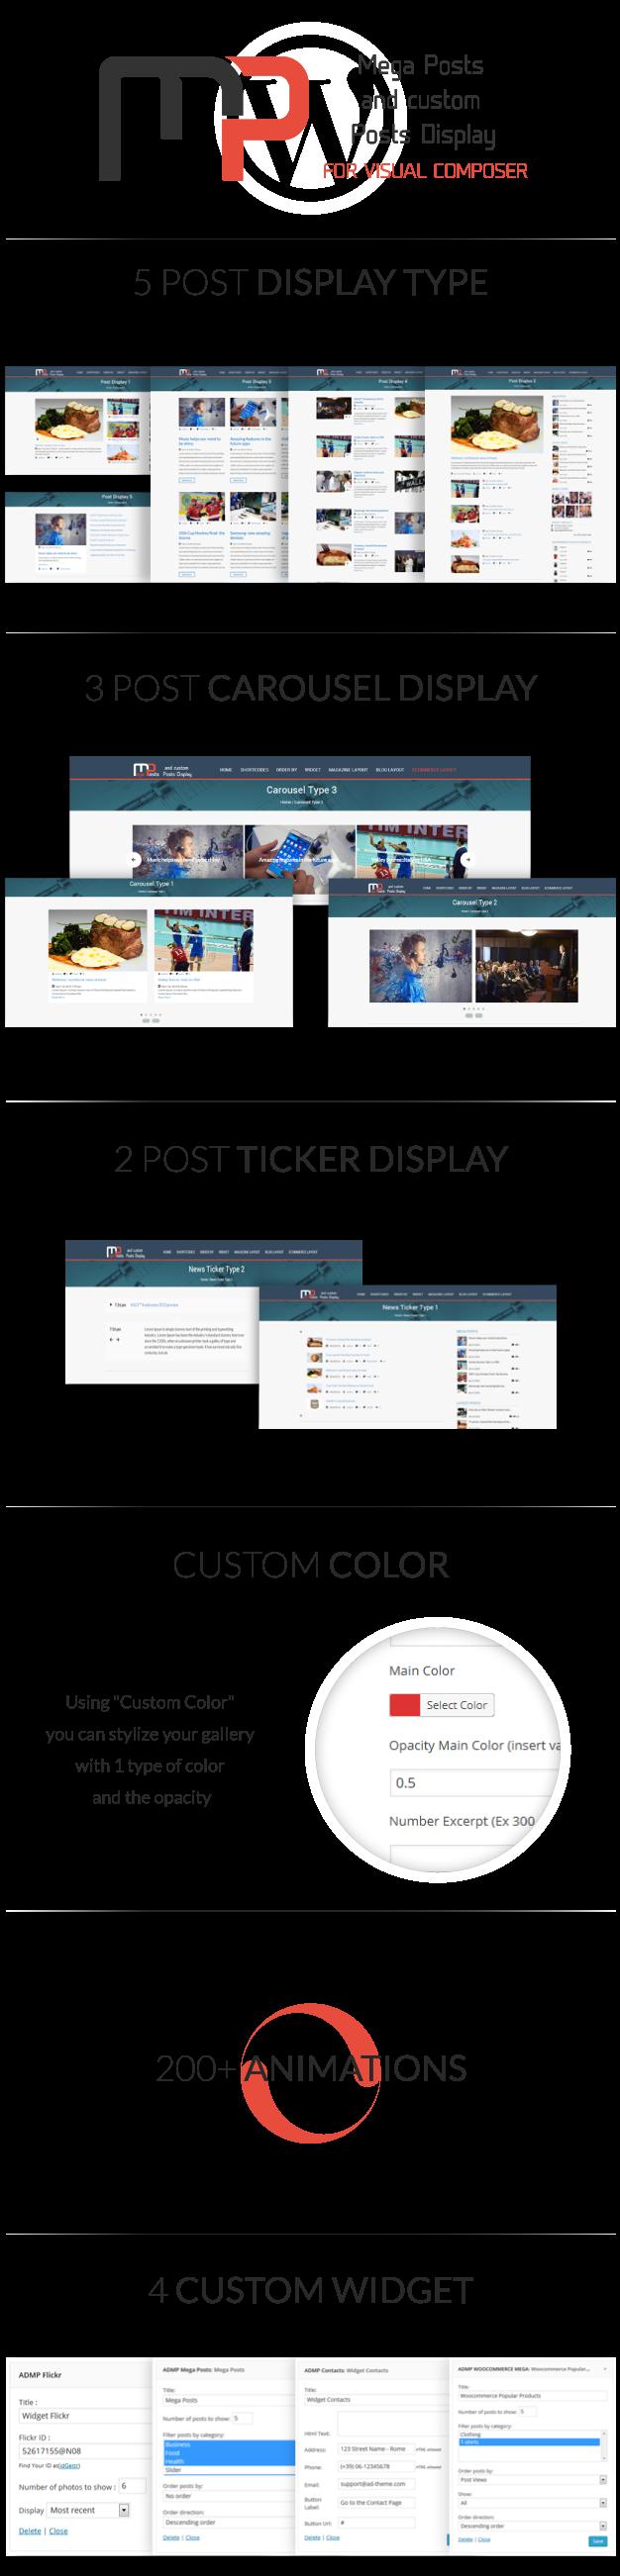 Anzeige von Mega-Posts für Visual Composer